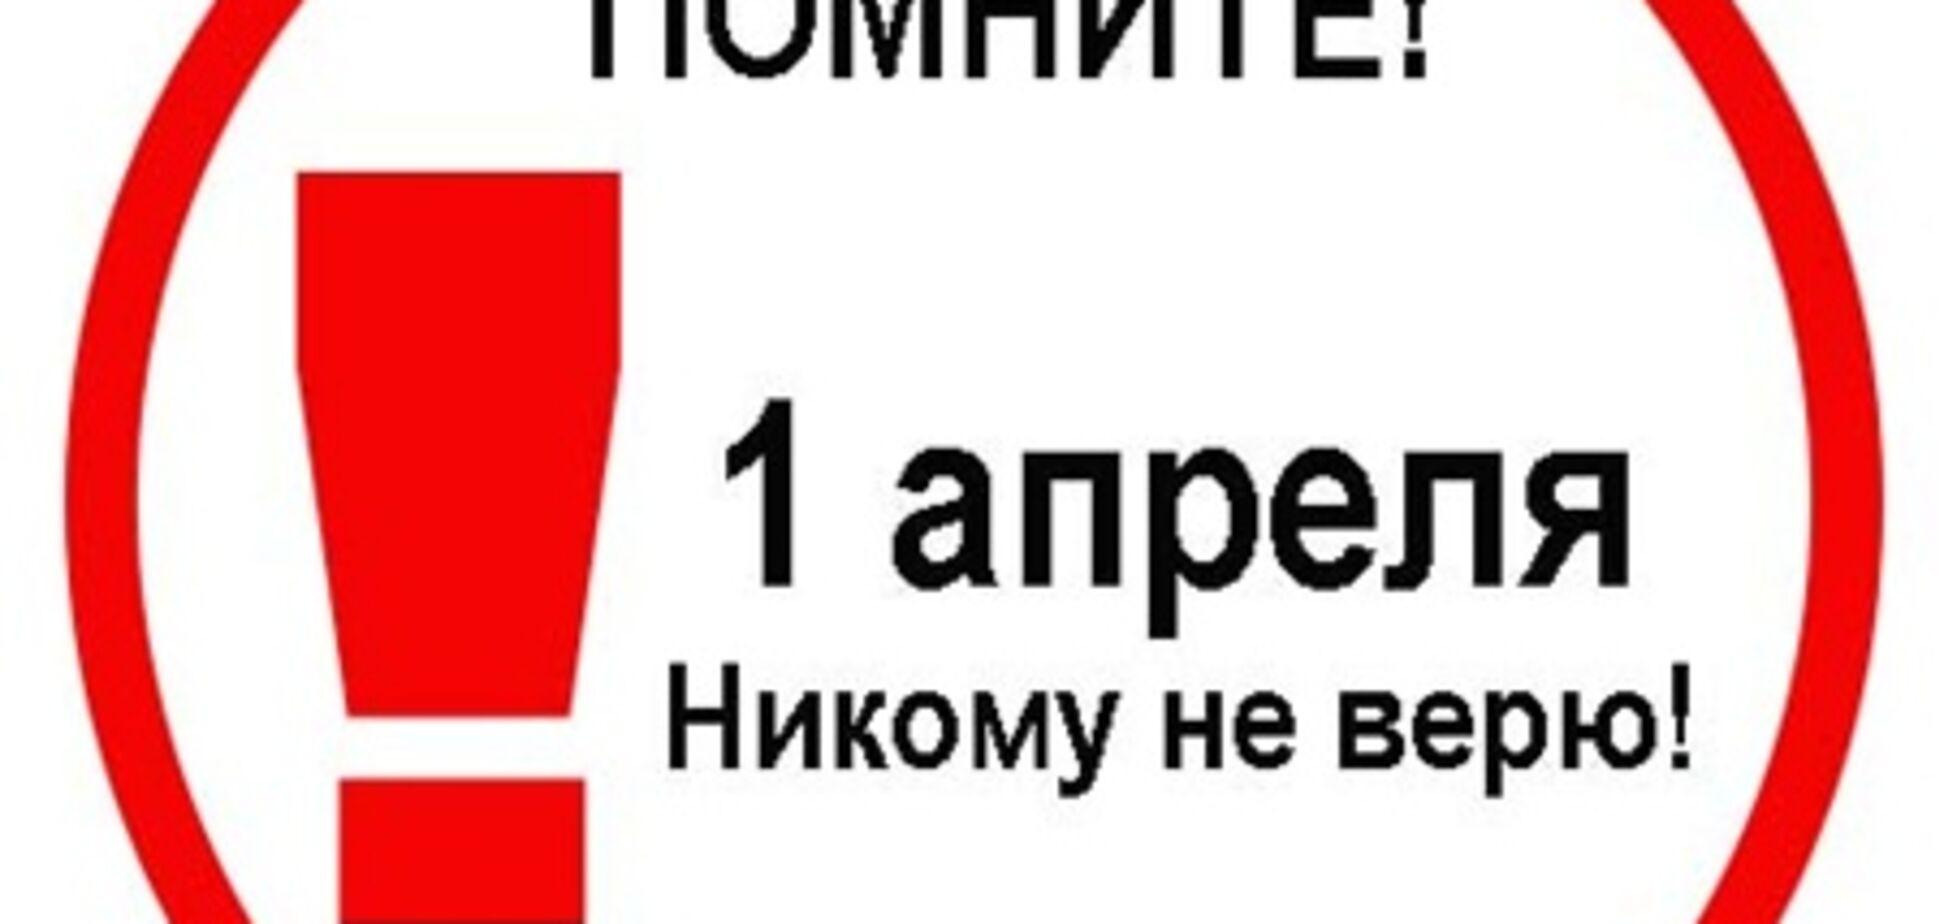 ТОП-10 первоапрельских розыгрышей